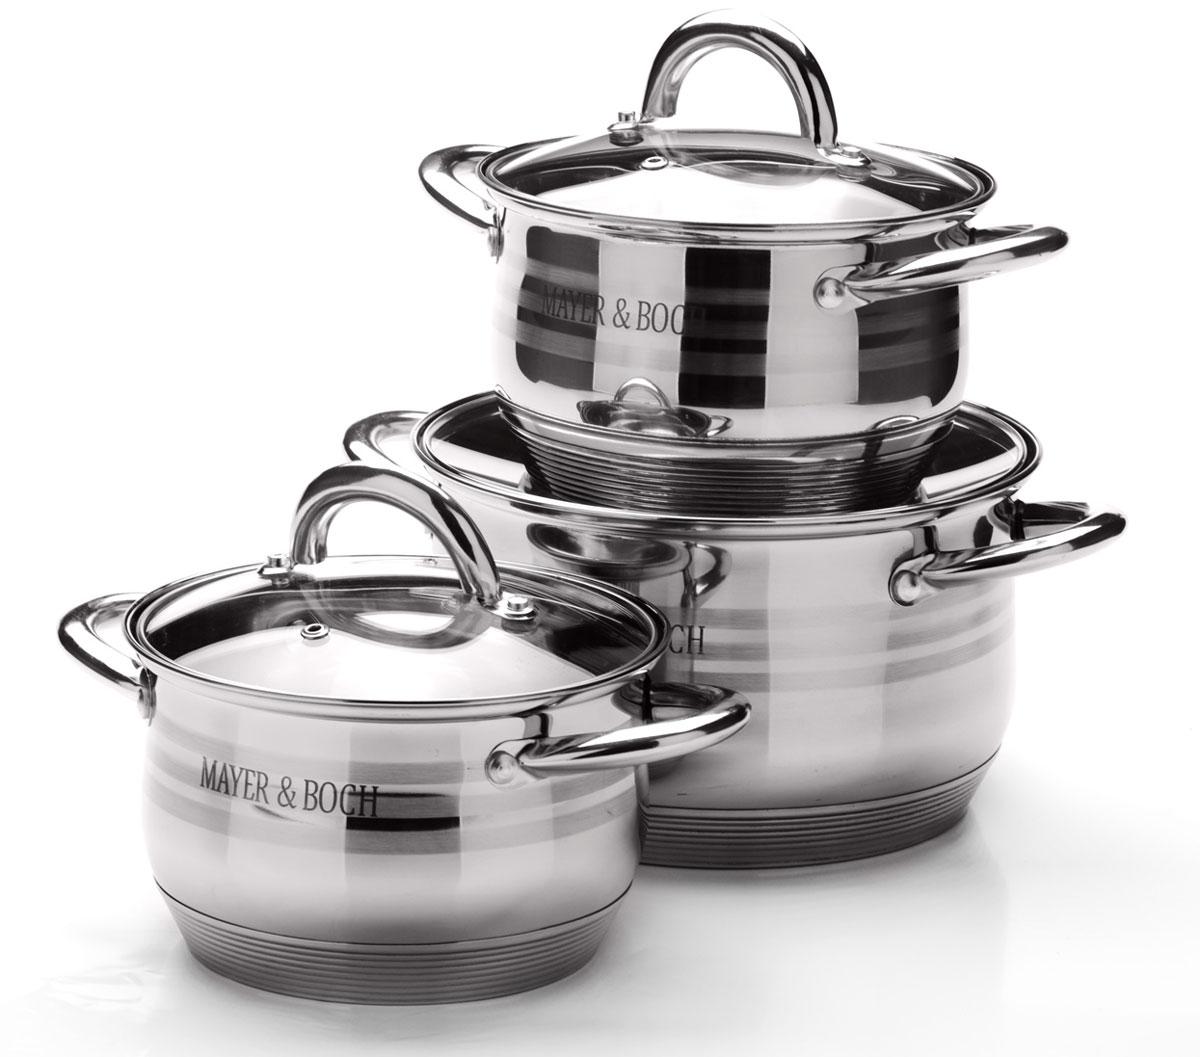 Набор посуды Mayer & Boch, 6 предметов. 25668256682,1+2,1+3,9л